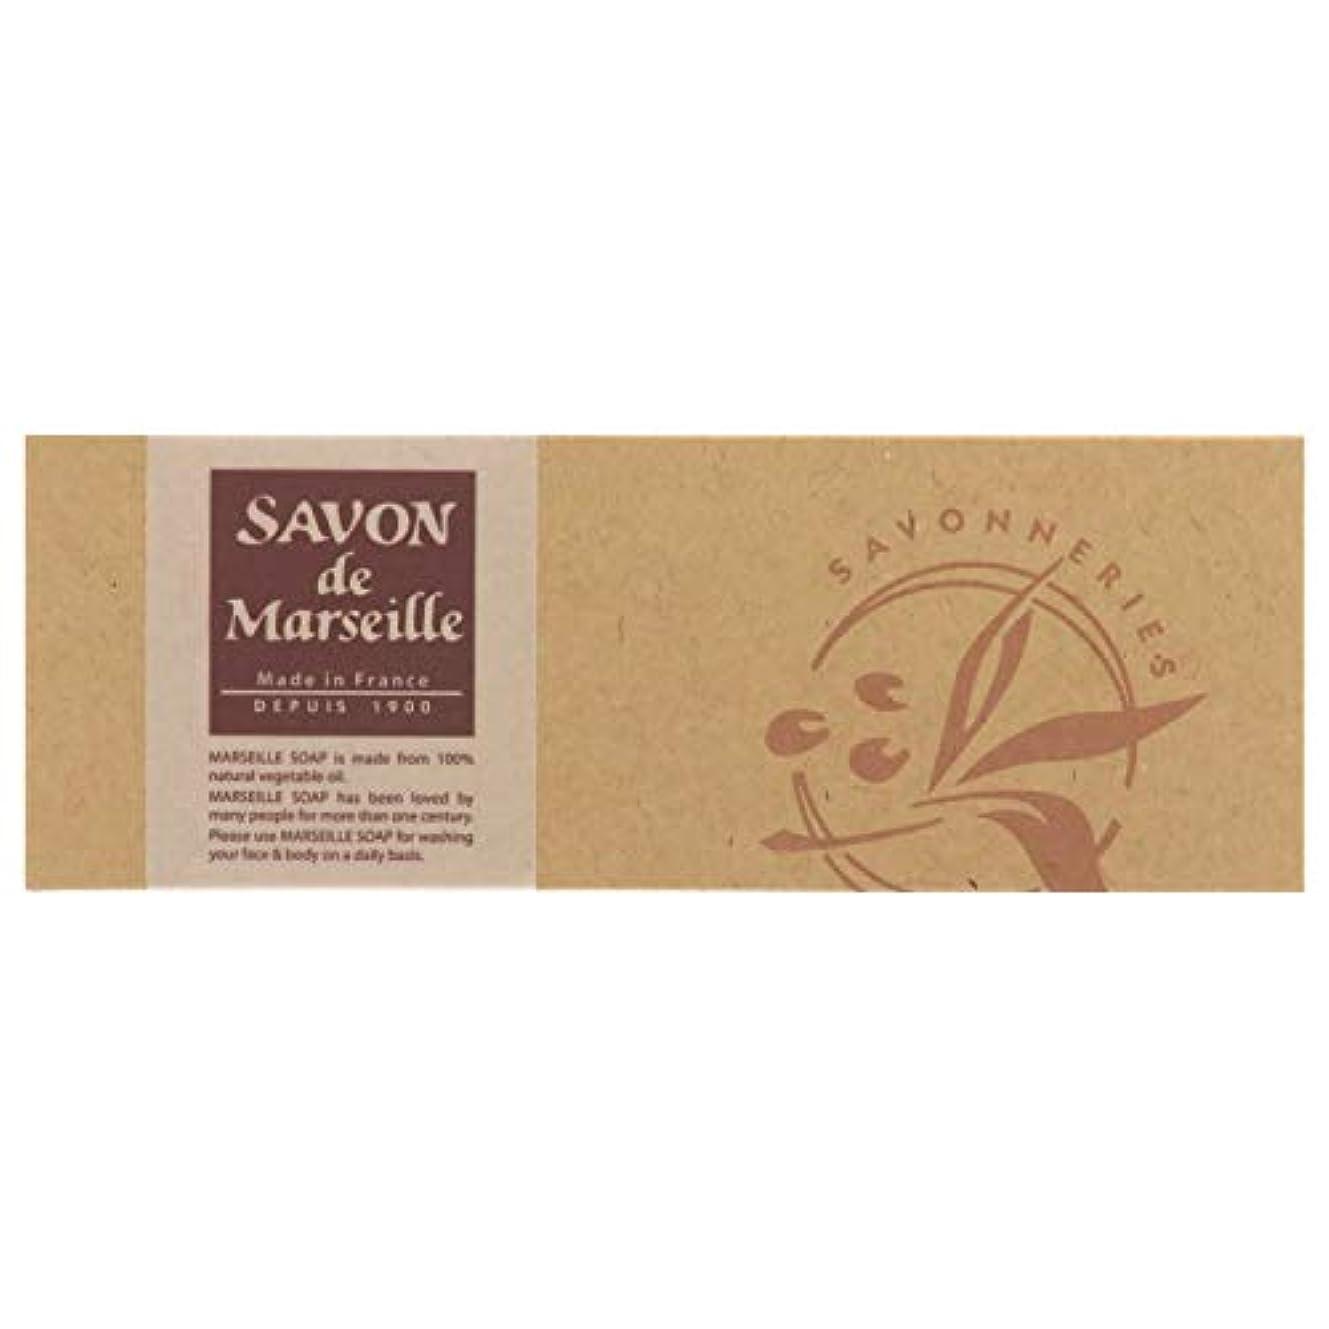 優雅固有の相反するサボンドマルセイユ無香料ギフトセット3個入り